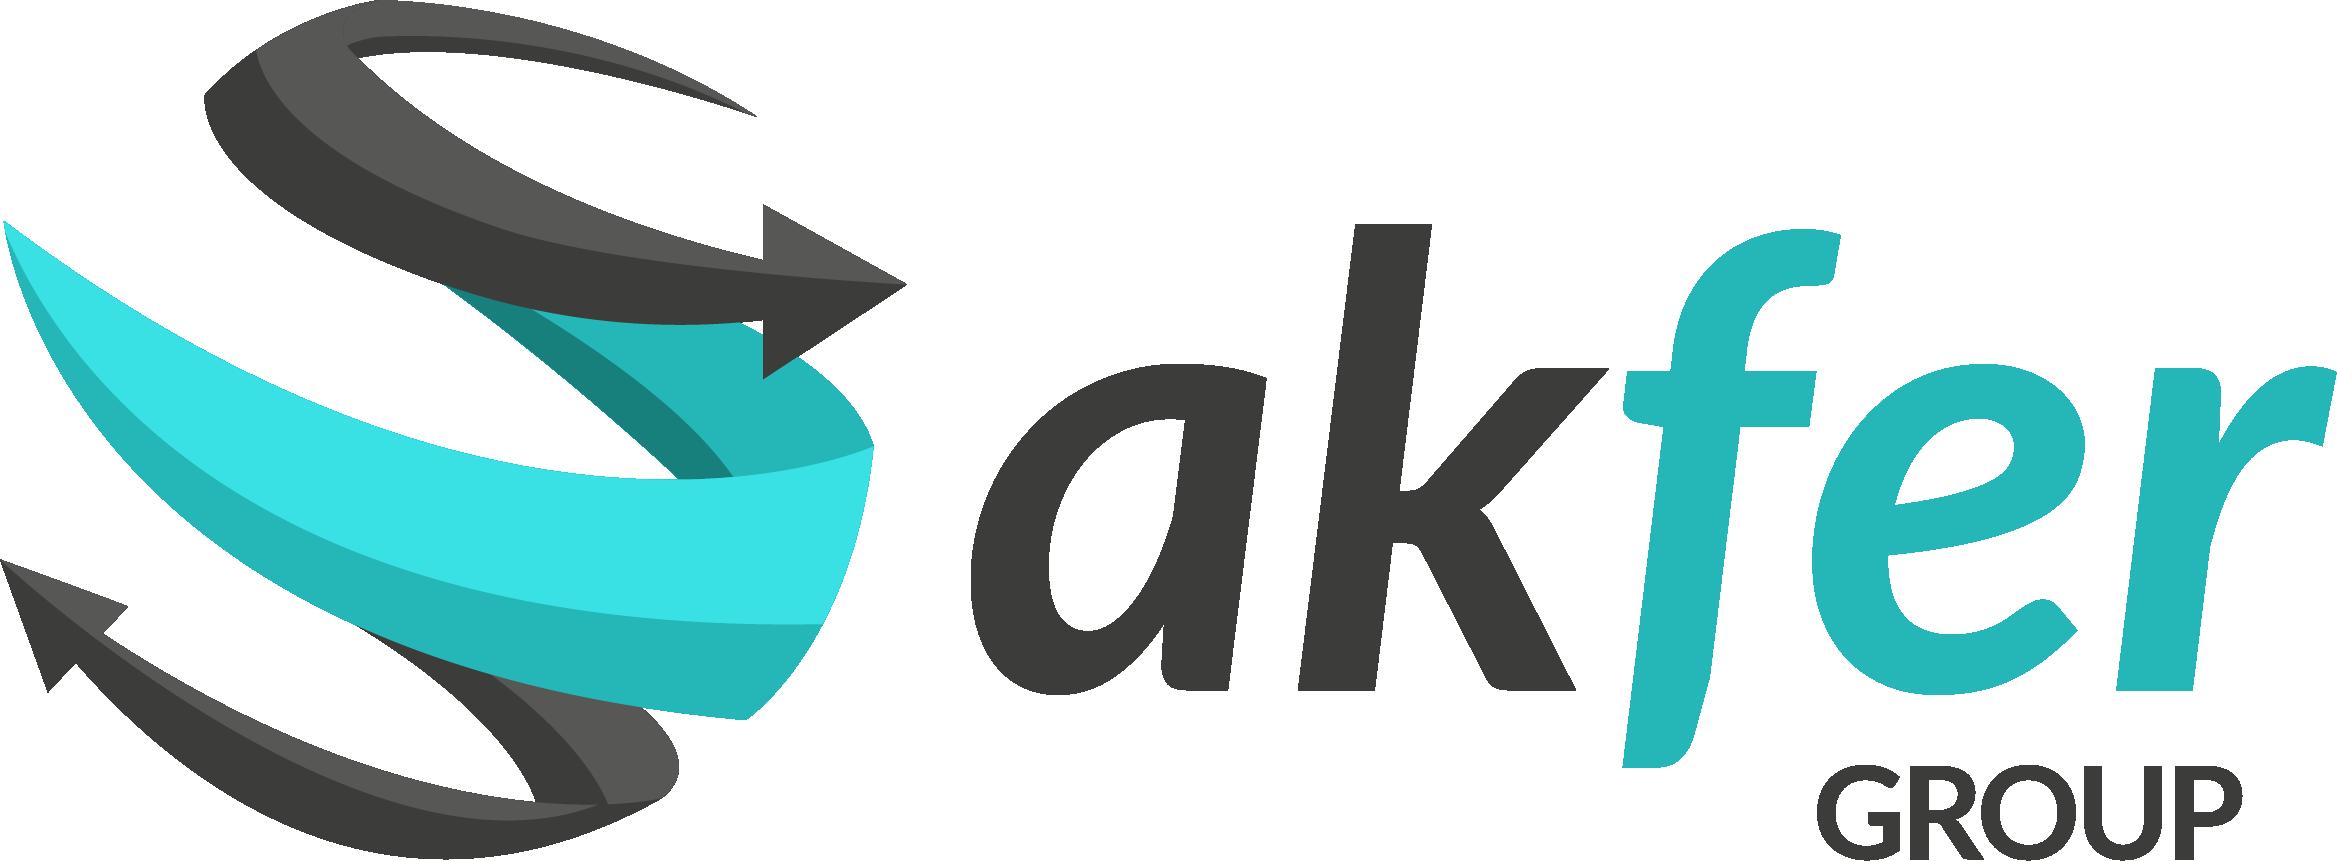 Startkit